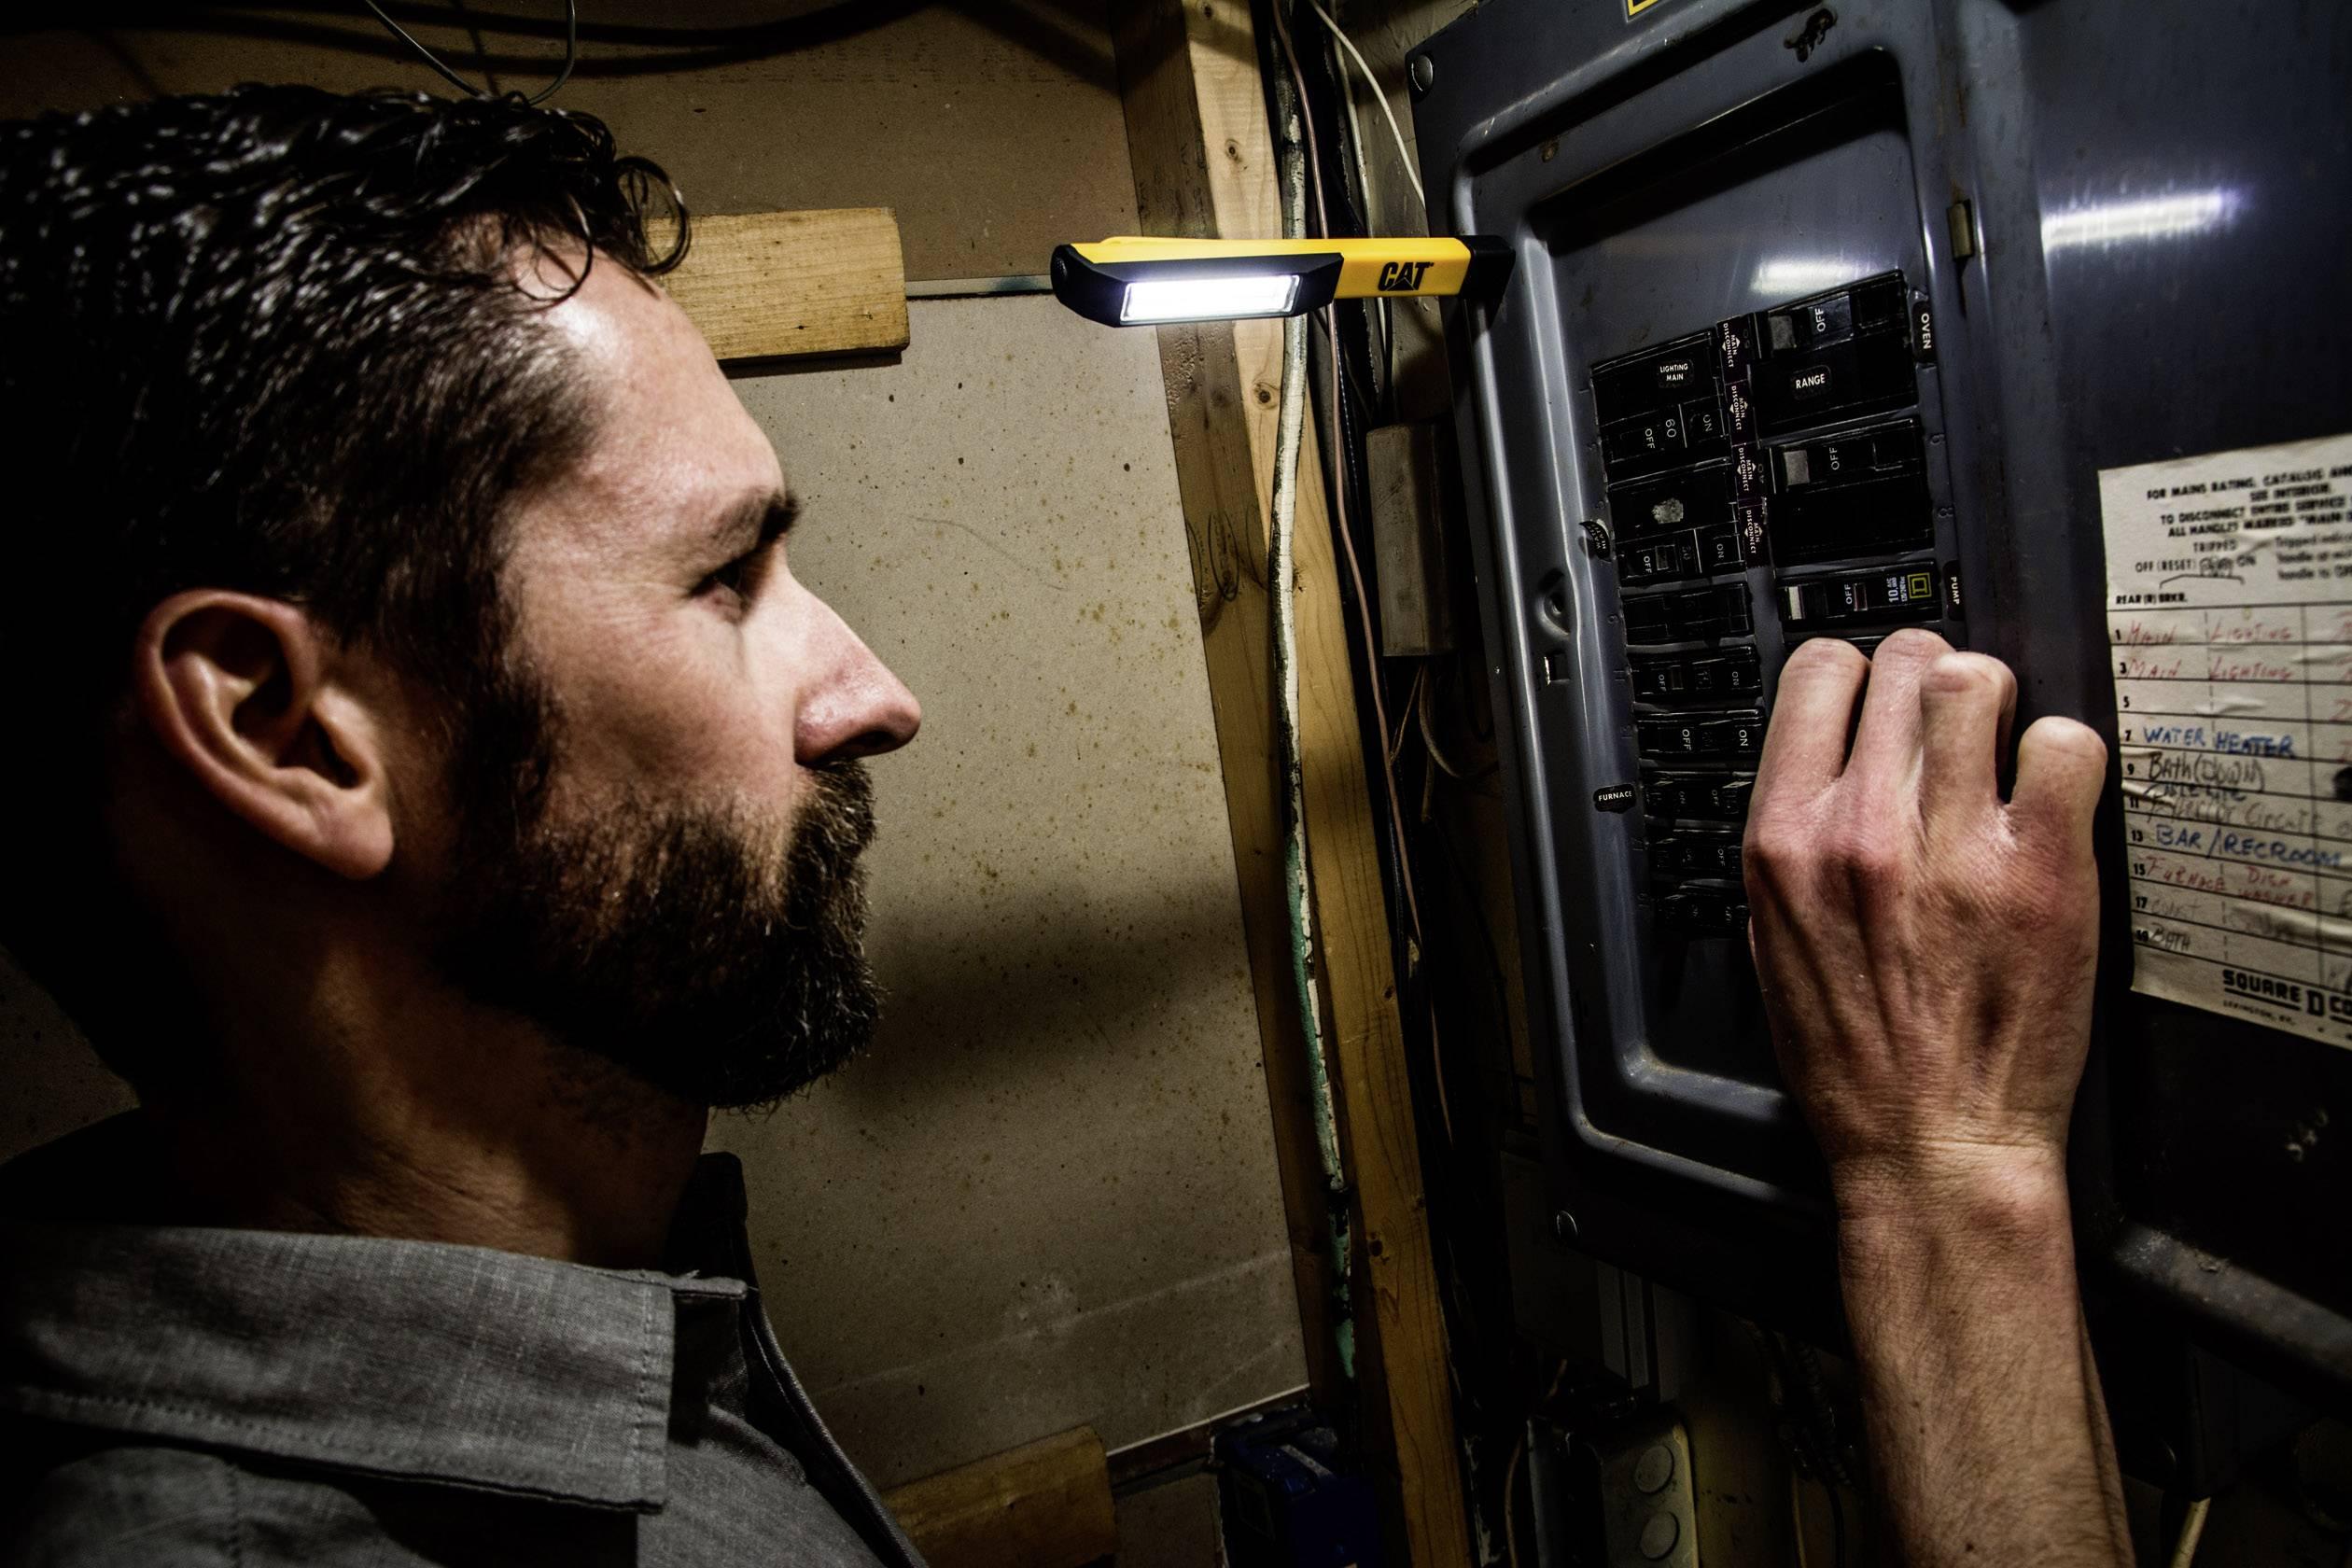 COB LED s magnetem CAT CT1000 68 g, na baterii, černá, žlutá